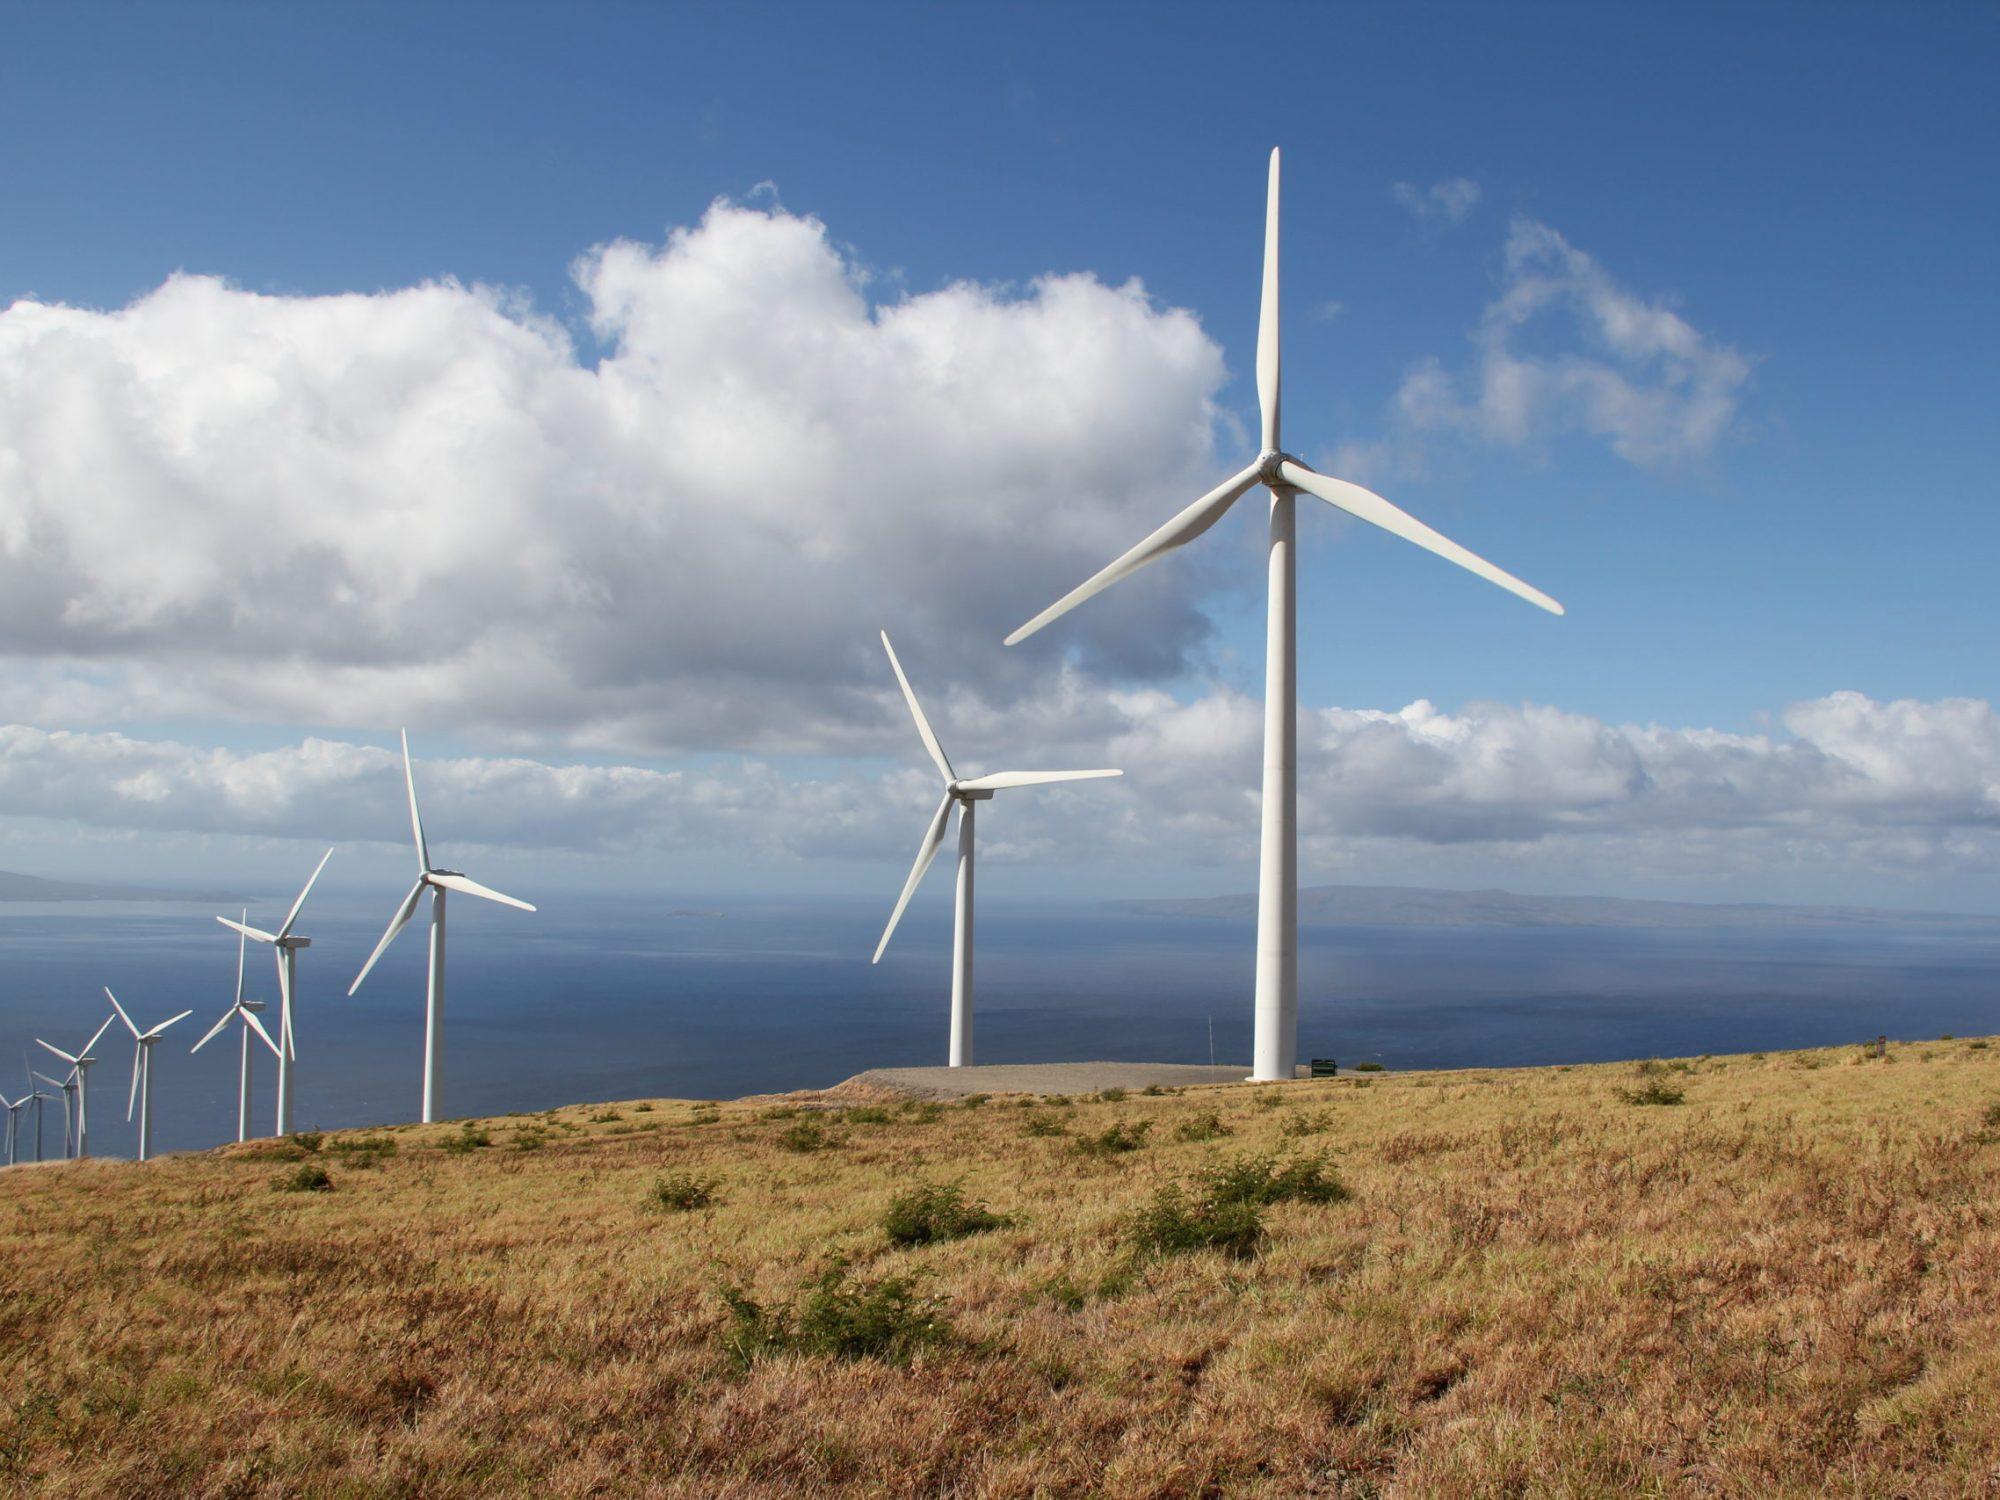 Wind turbines at La Haina, Hawaii